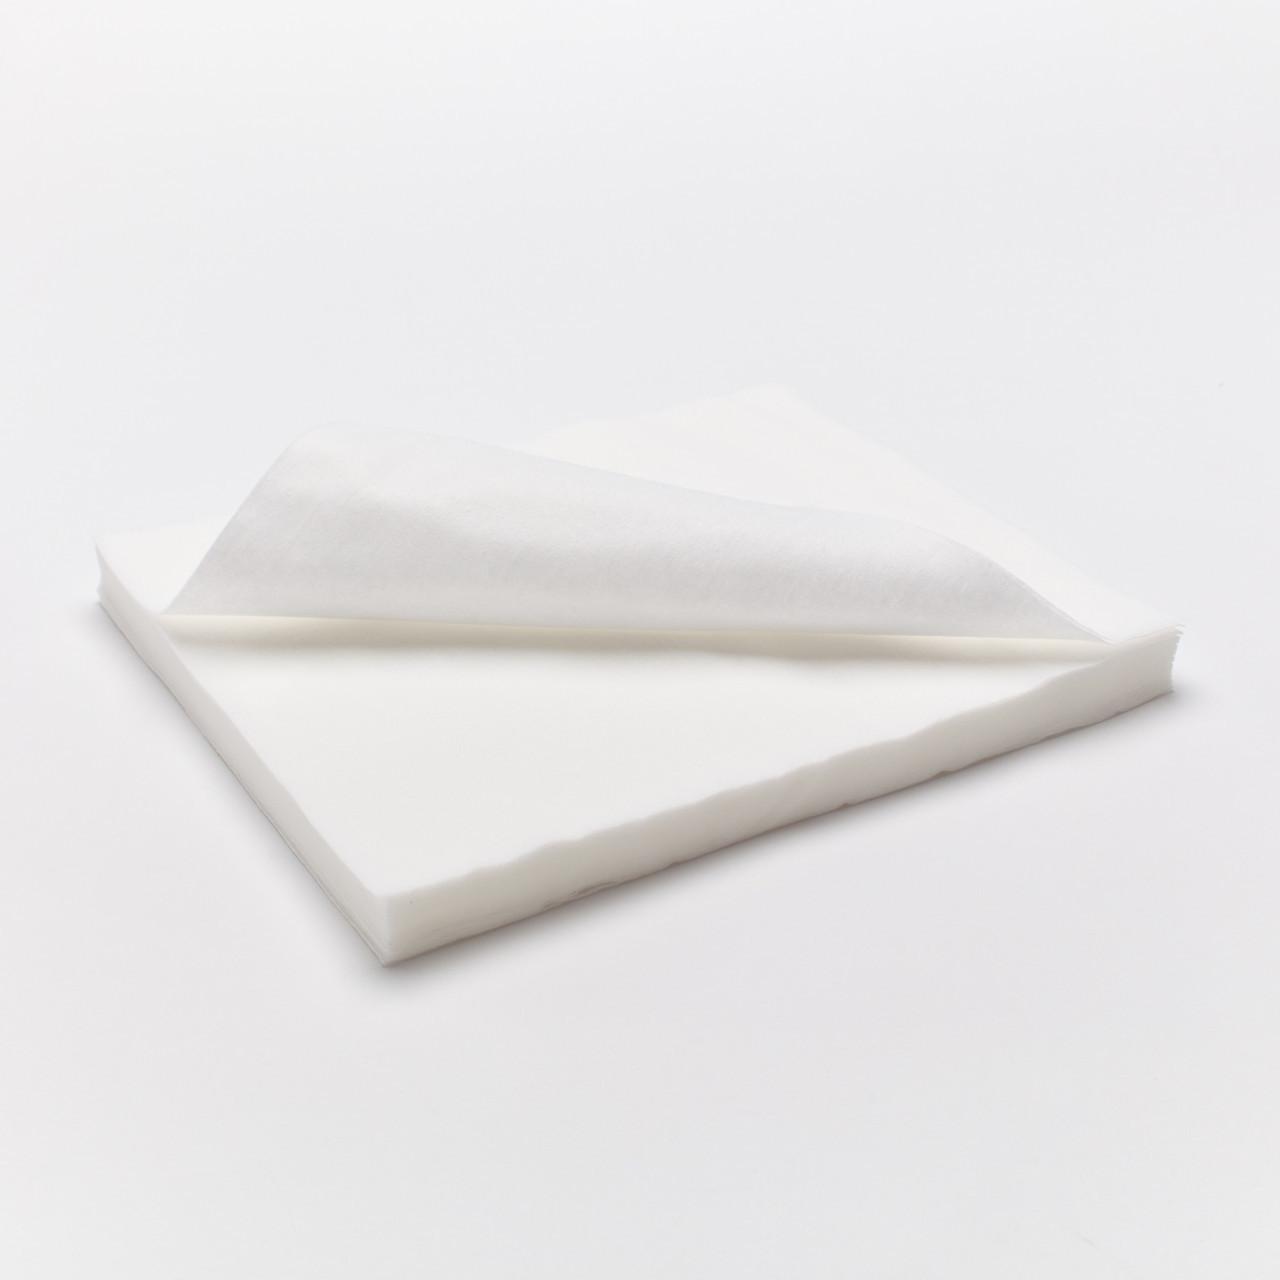 ТЕХНОКОМПЛЕКС Салфетки 20*20см спанлейс, 40г/м кв.,сетчатая стр., белые, 100 шт/уп